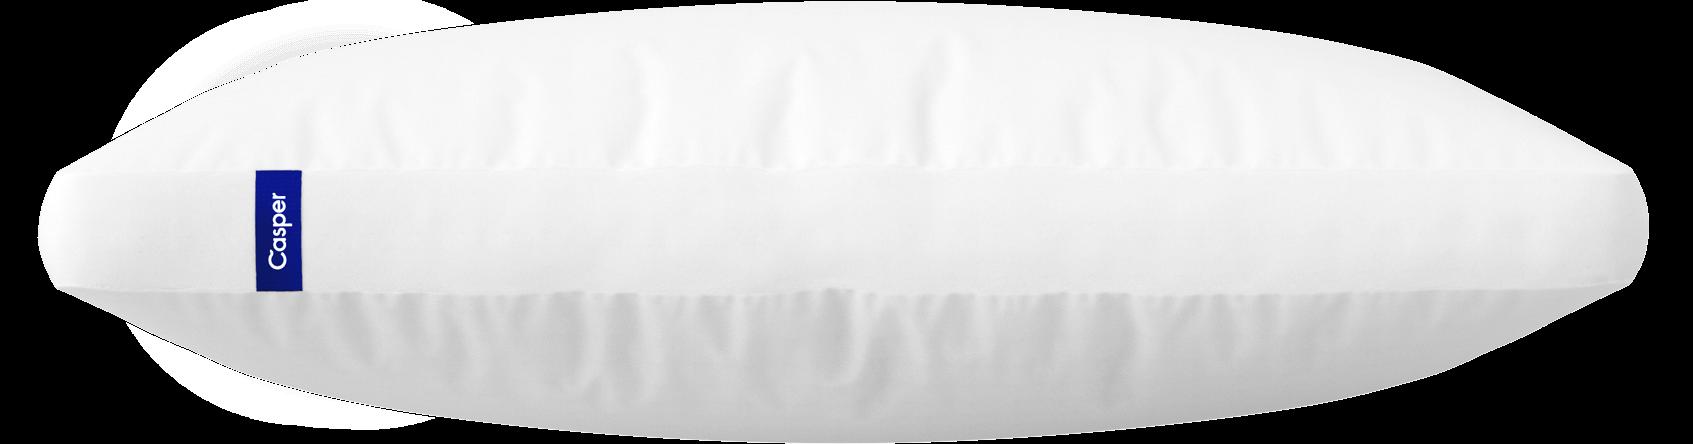 $33 off the Casper Pillow (44% discount) - $42